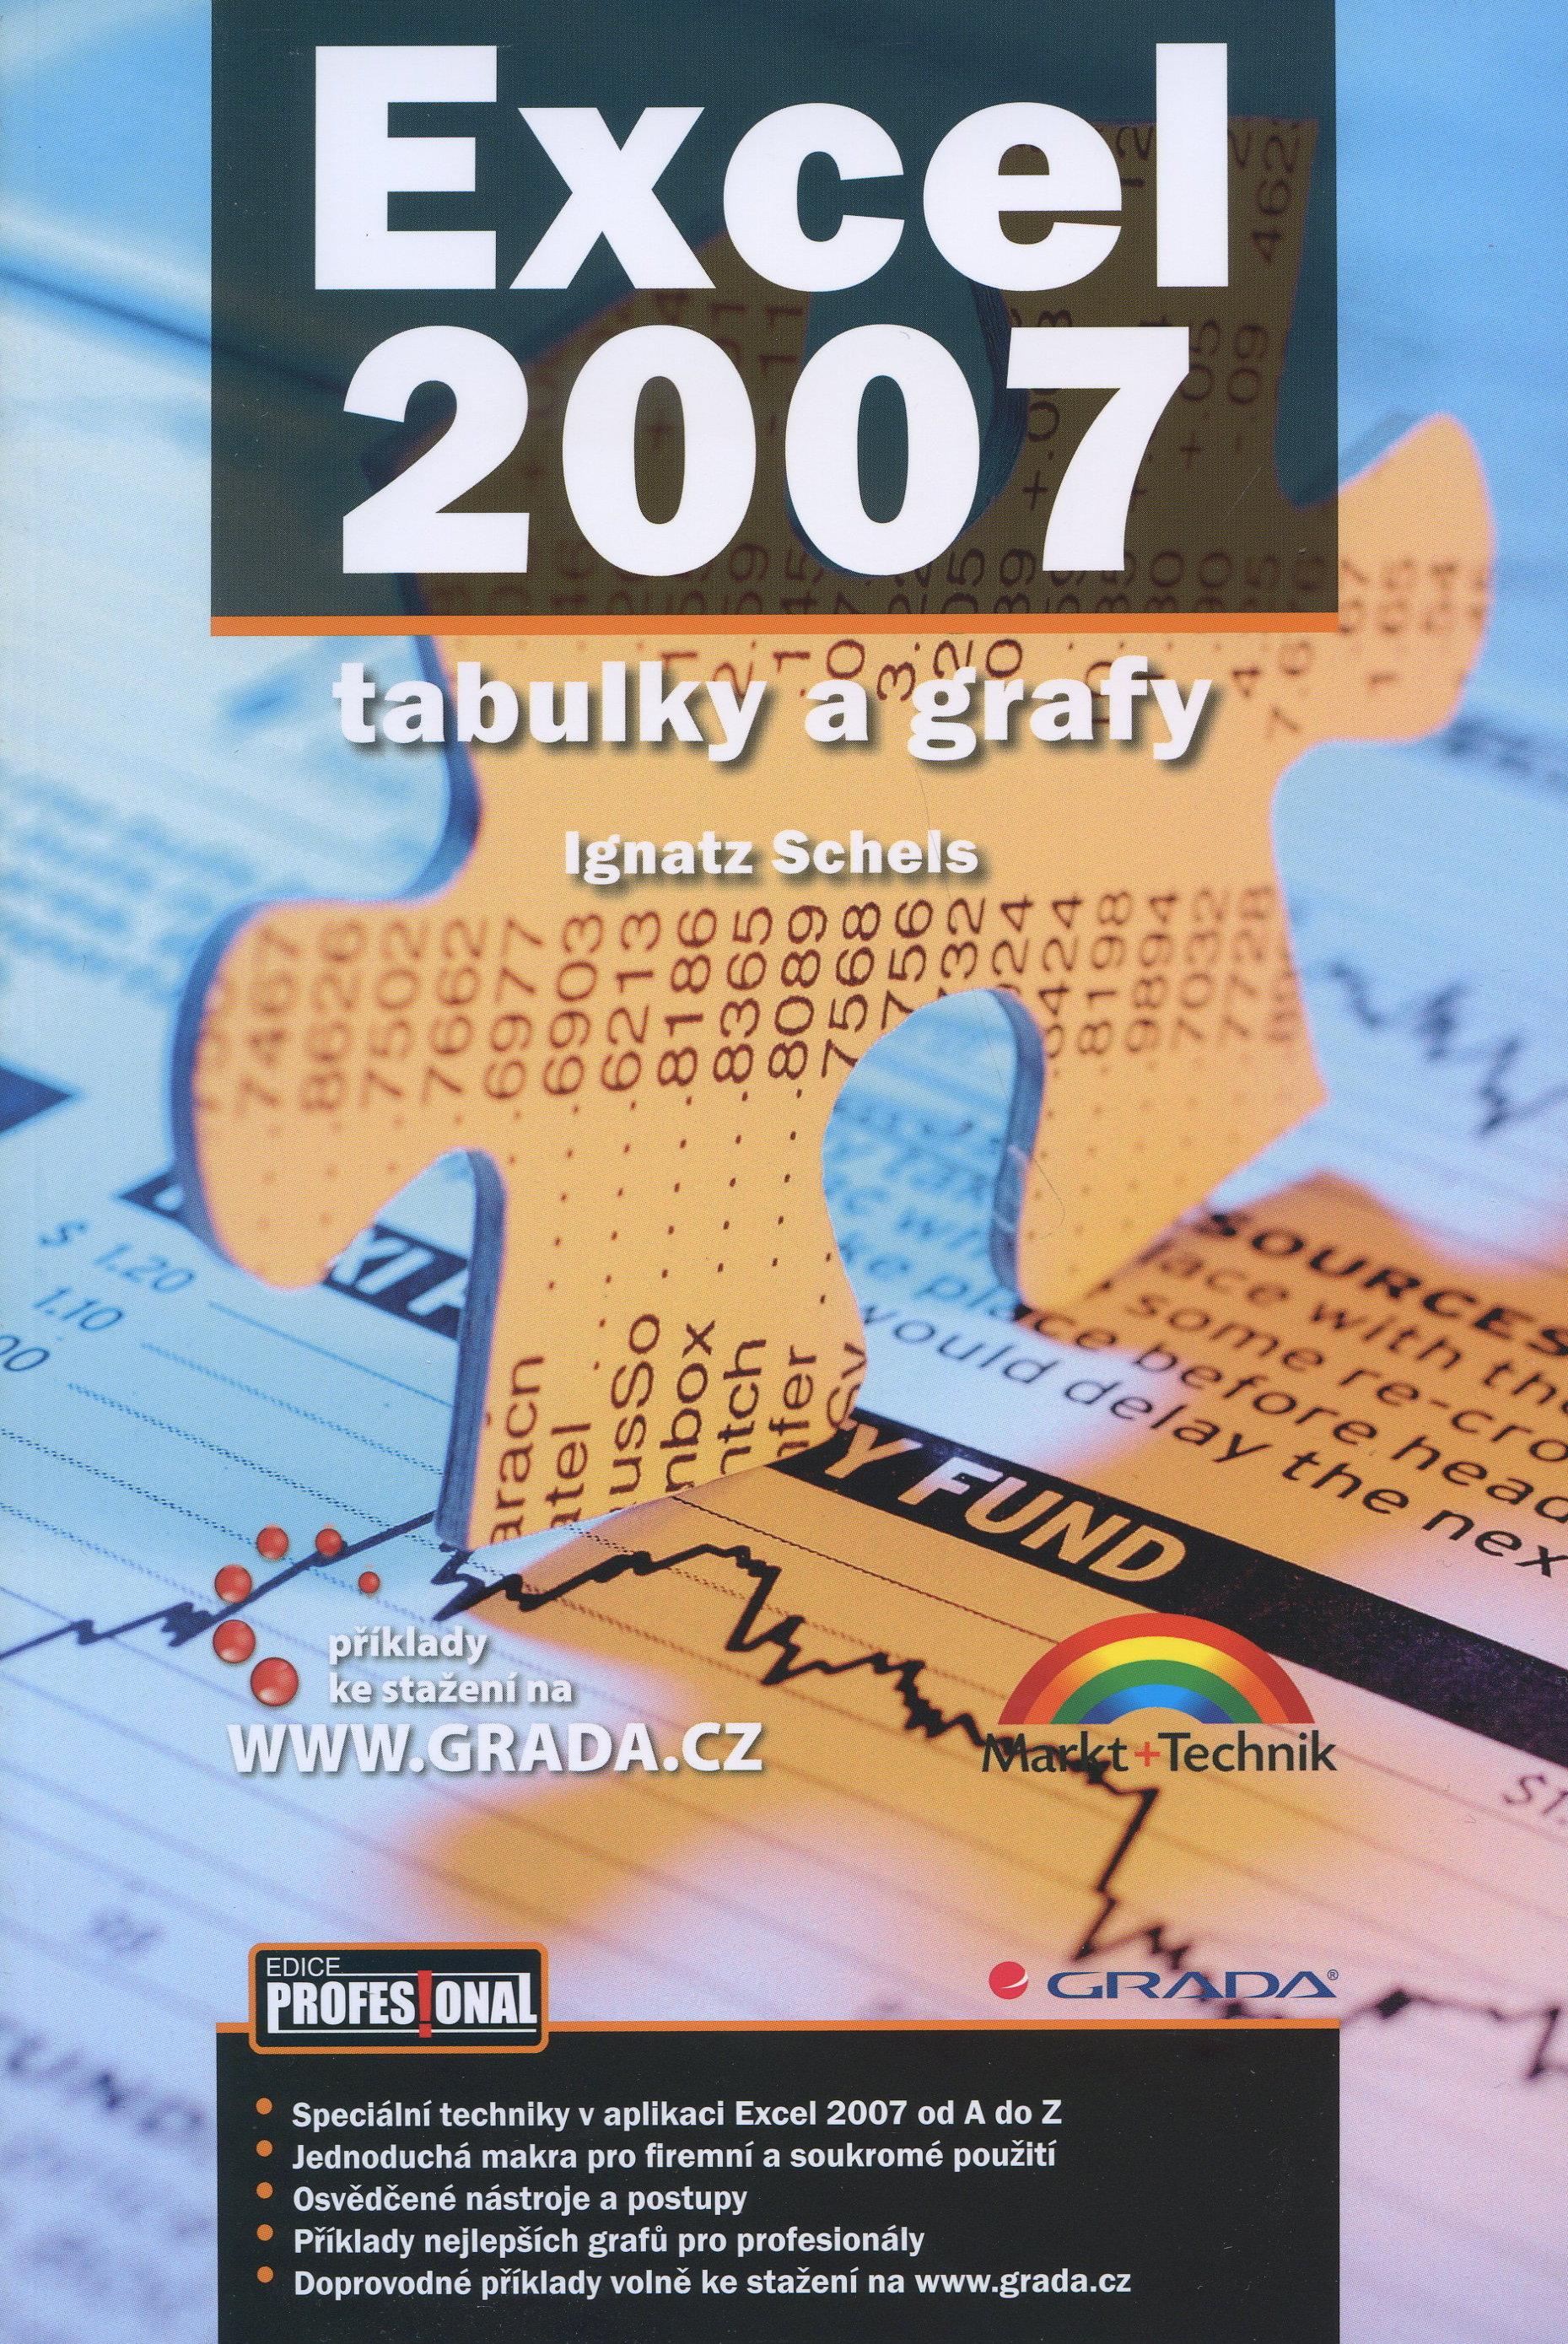 Excel 2007 tabulky a grafy